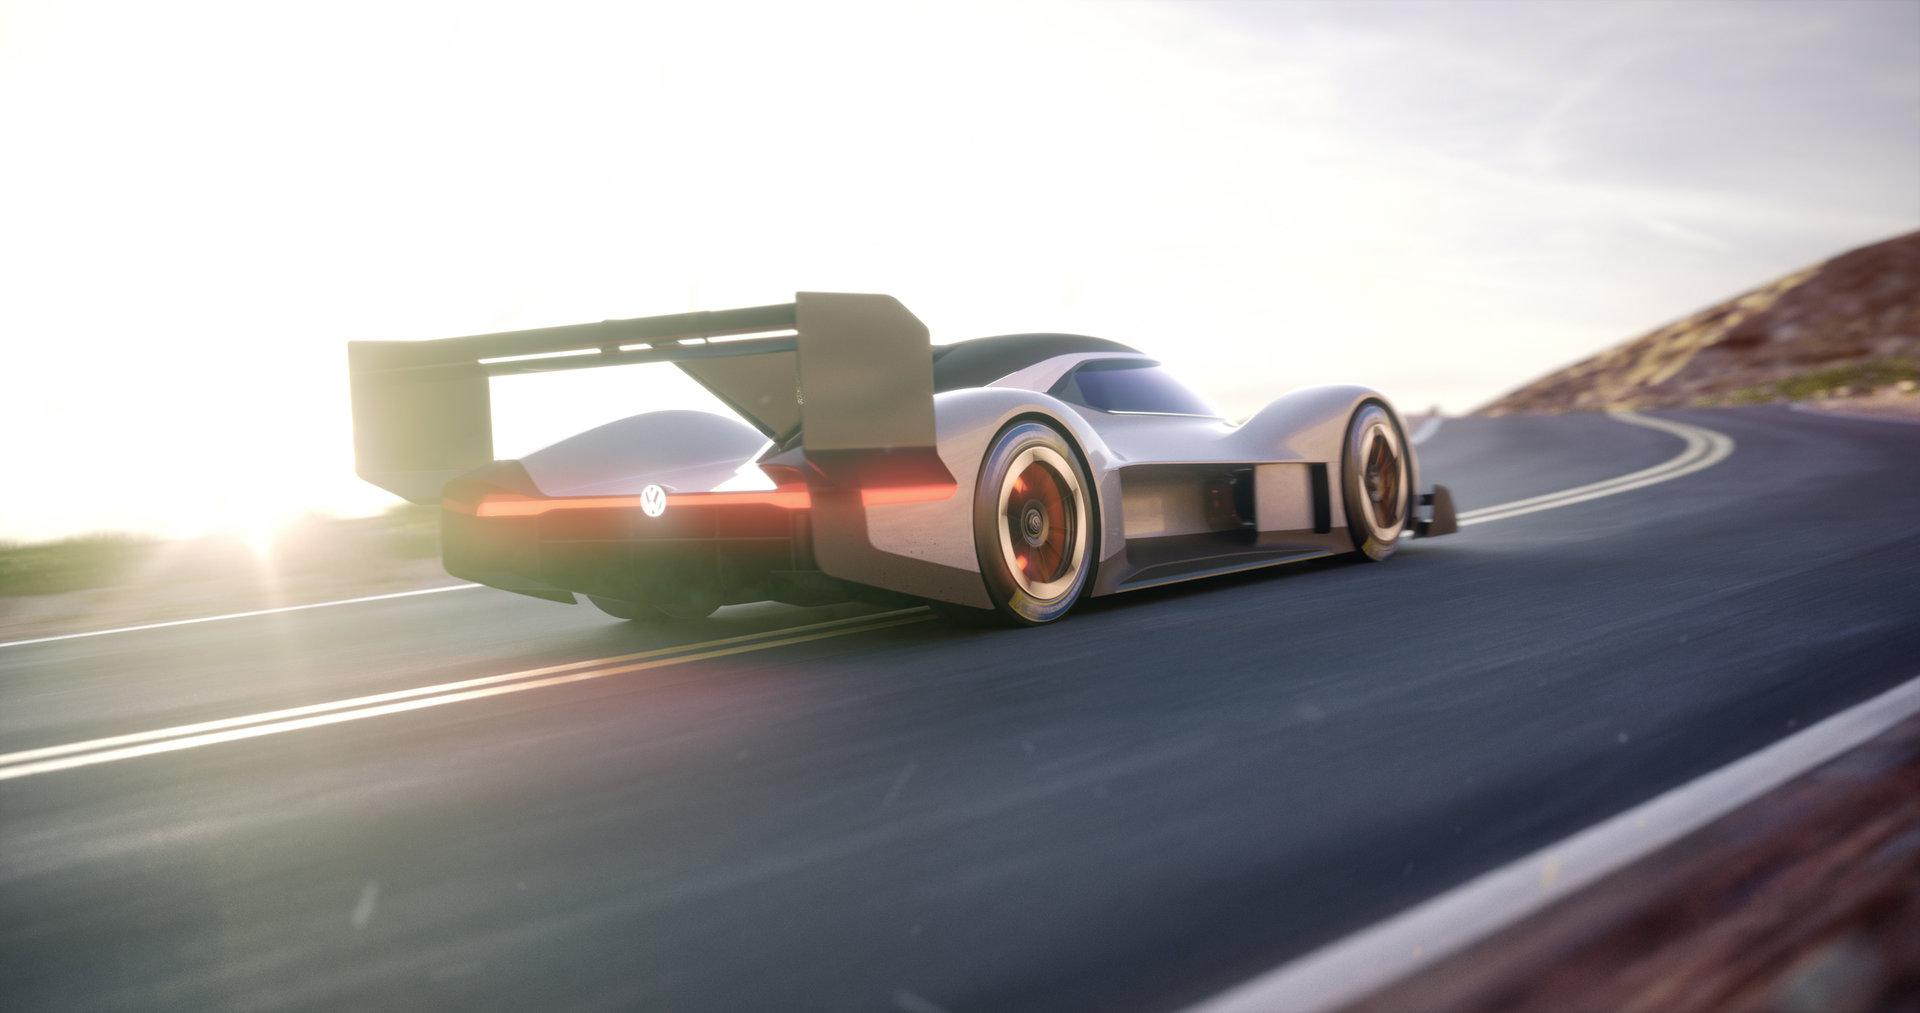 Volkswagen quiere alcanzar un nuevo récord en Pikes Peak con un eléctrico